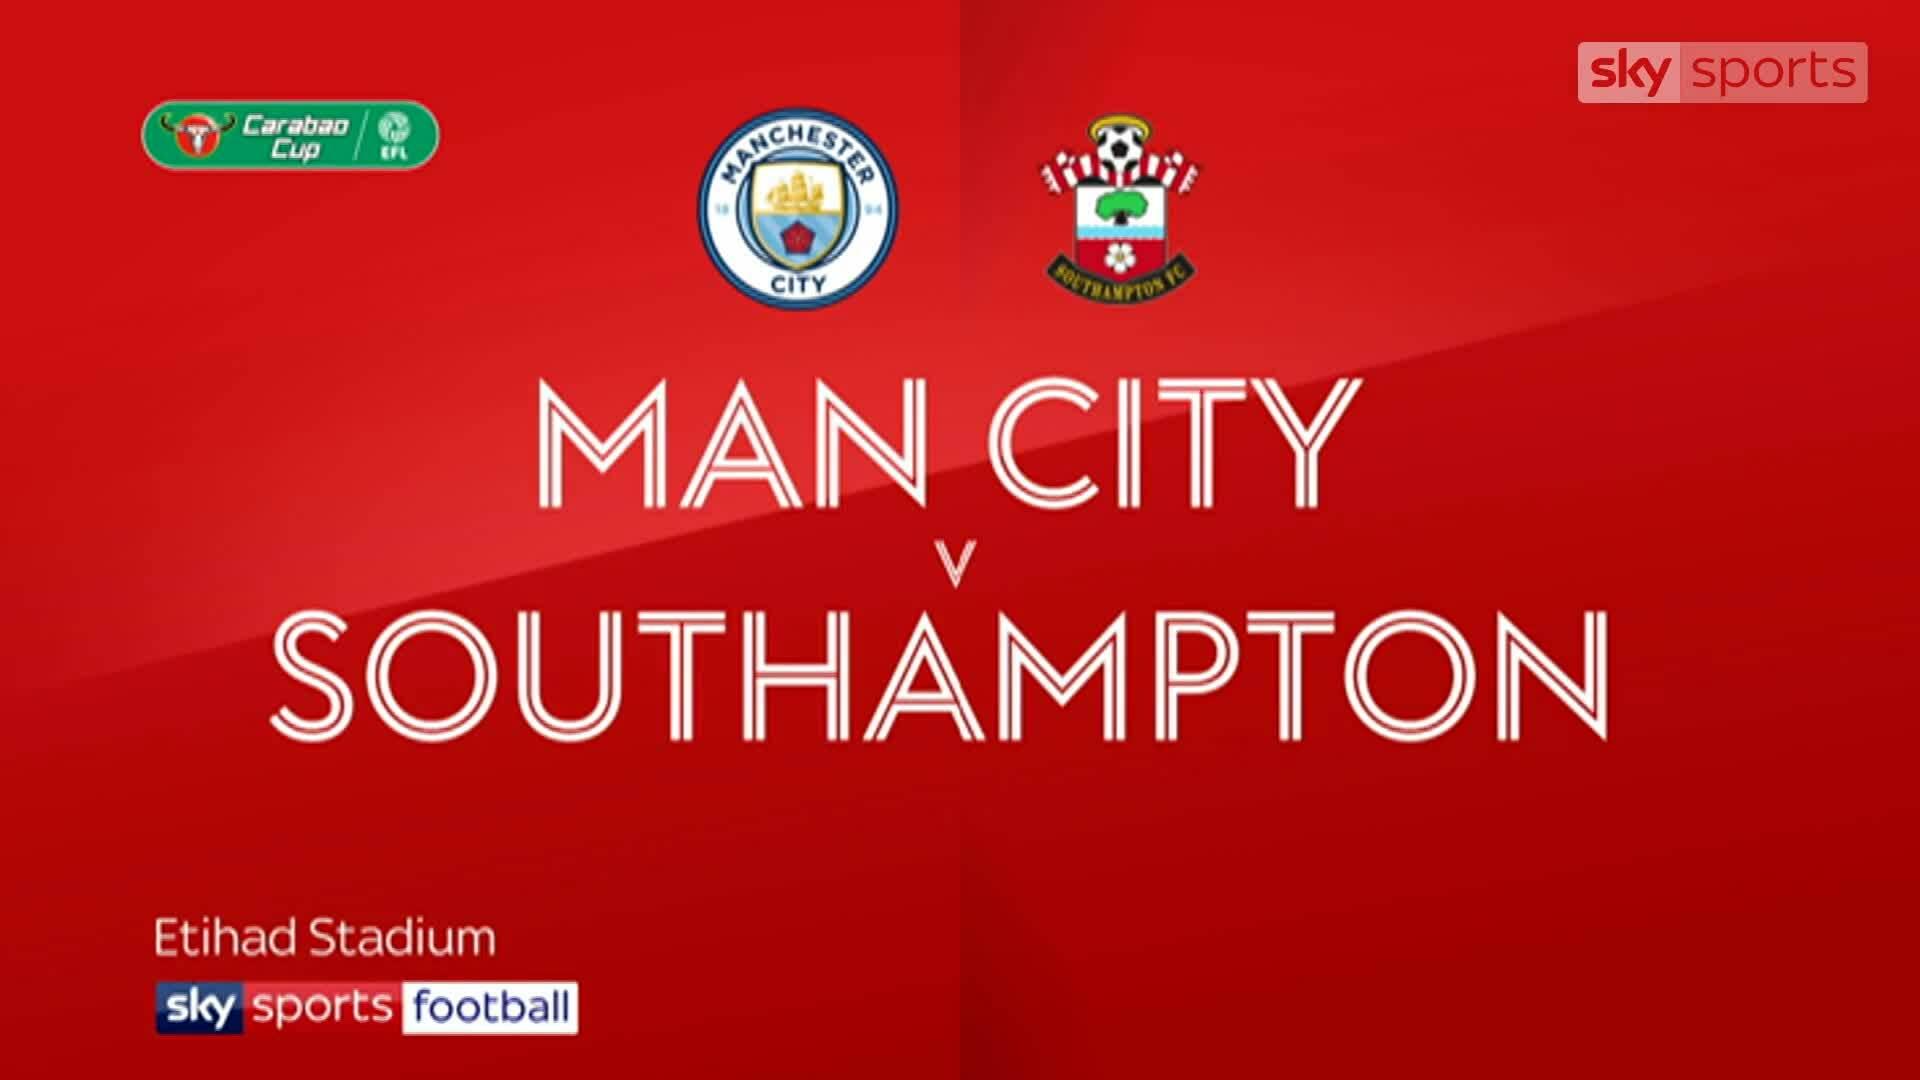 Man City 3-1 Southampton